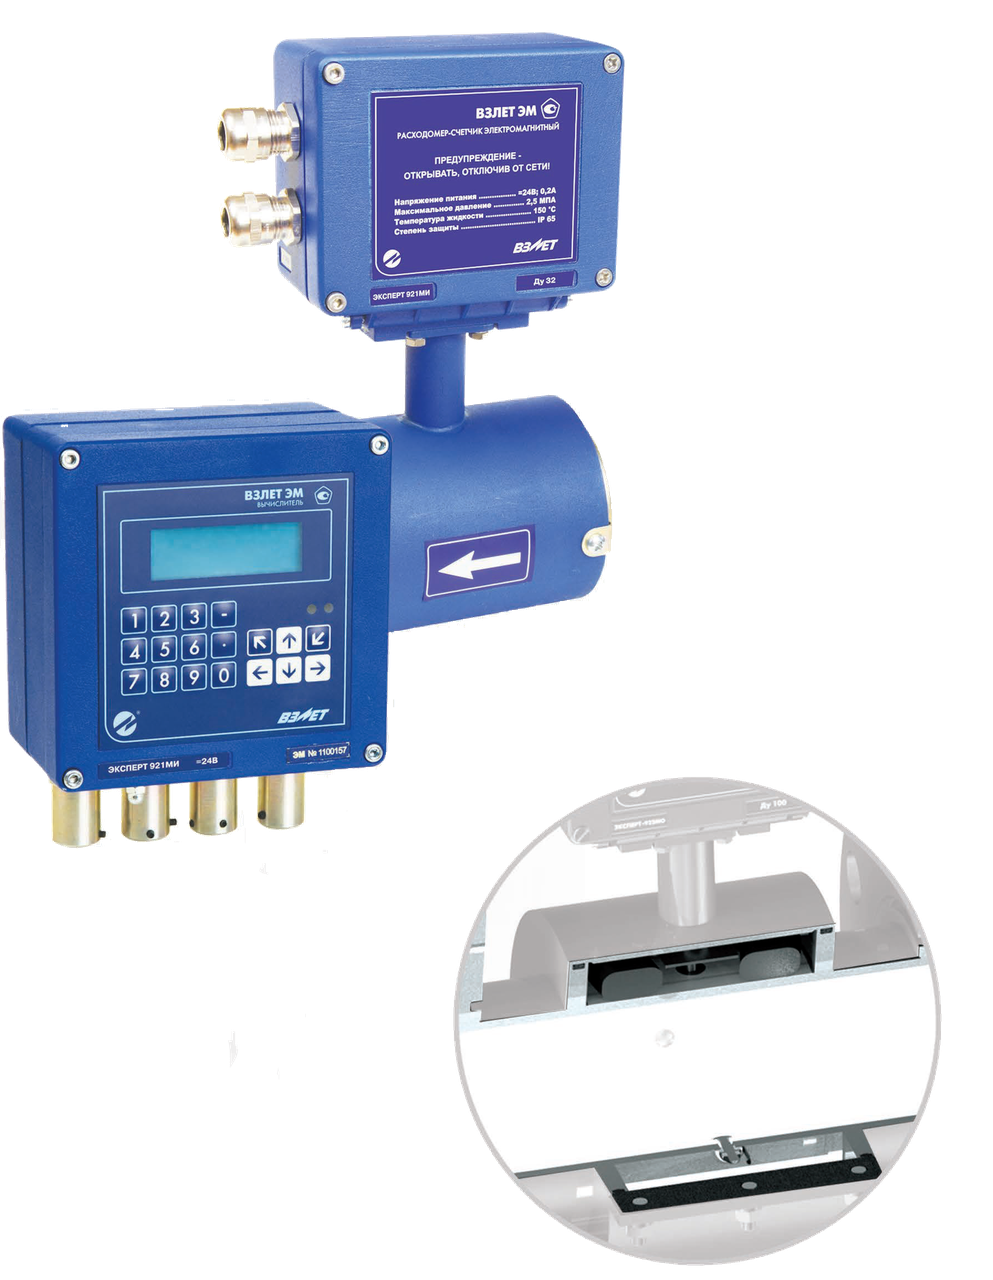 Расходомер-счетчик электромагнитный ВЗЛЕТ ЭМ исполнение ЭКСПЕРТ-9ххМх